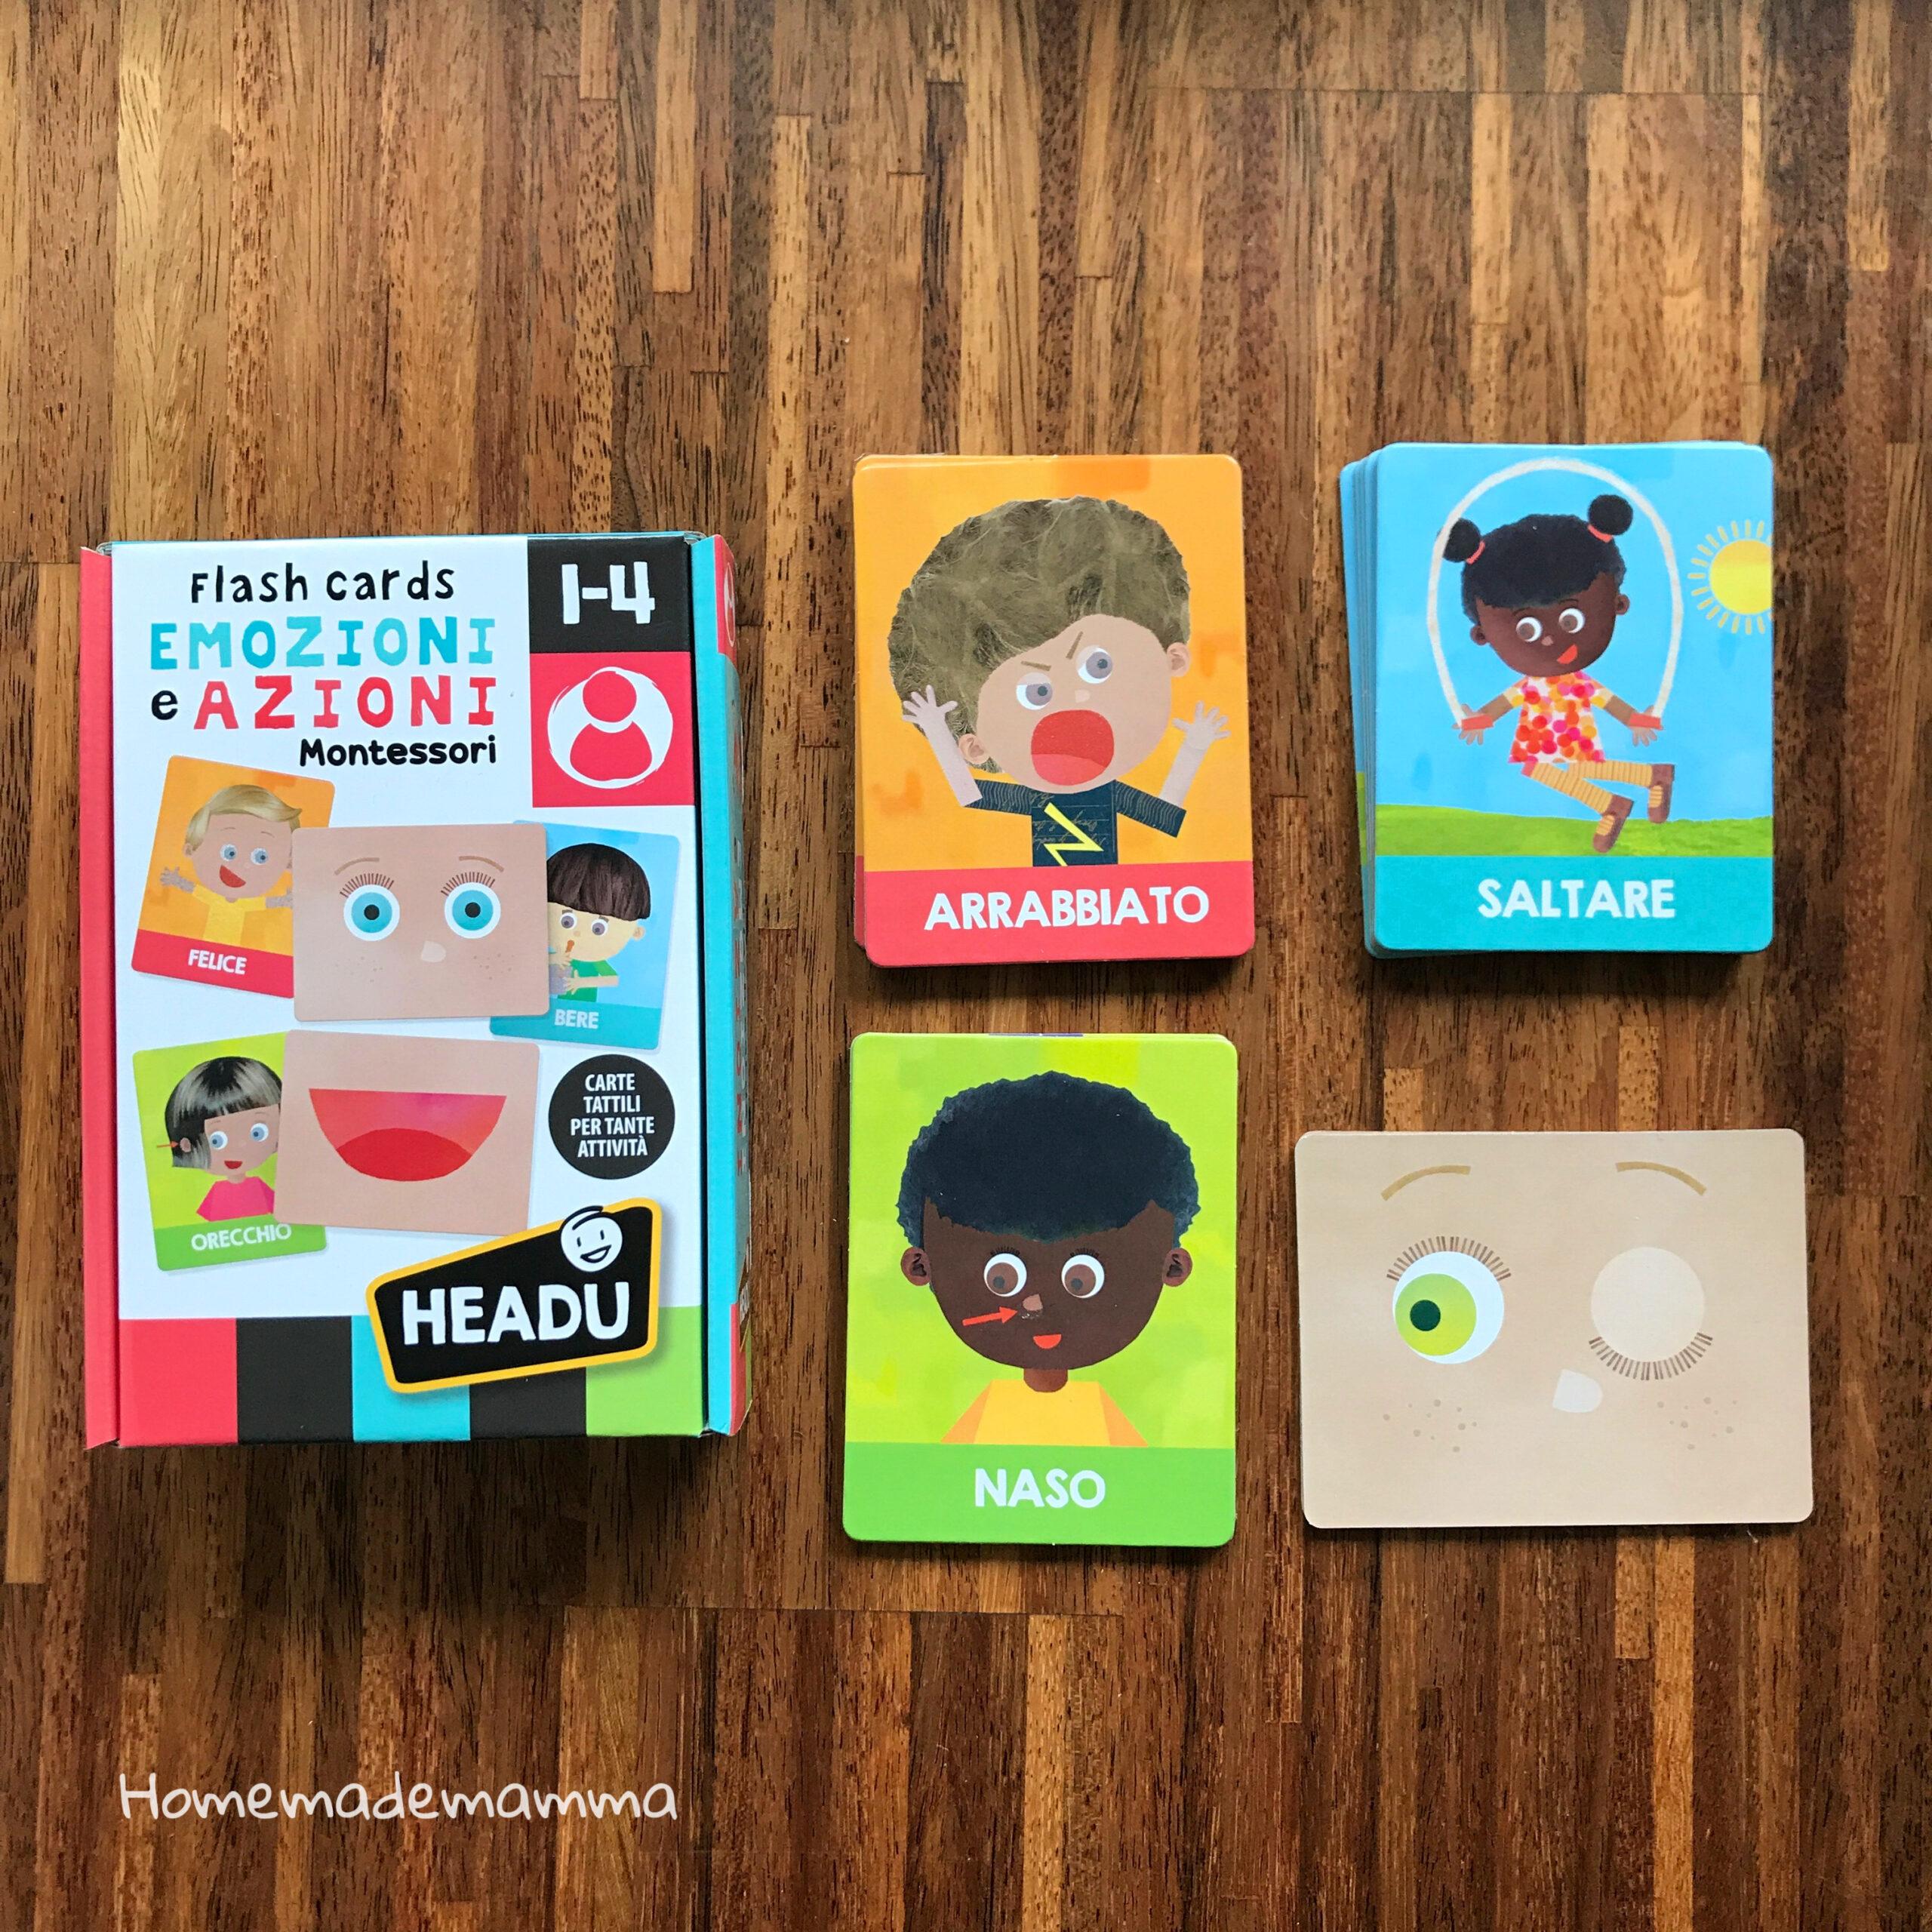 Gioco azioni emozioni Montessori bambini Headu